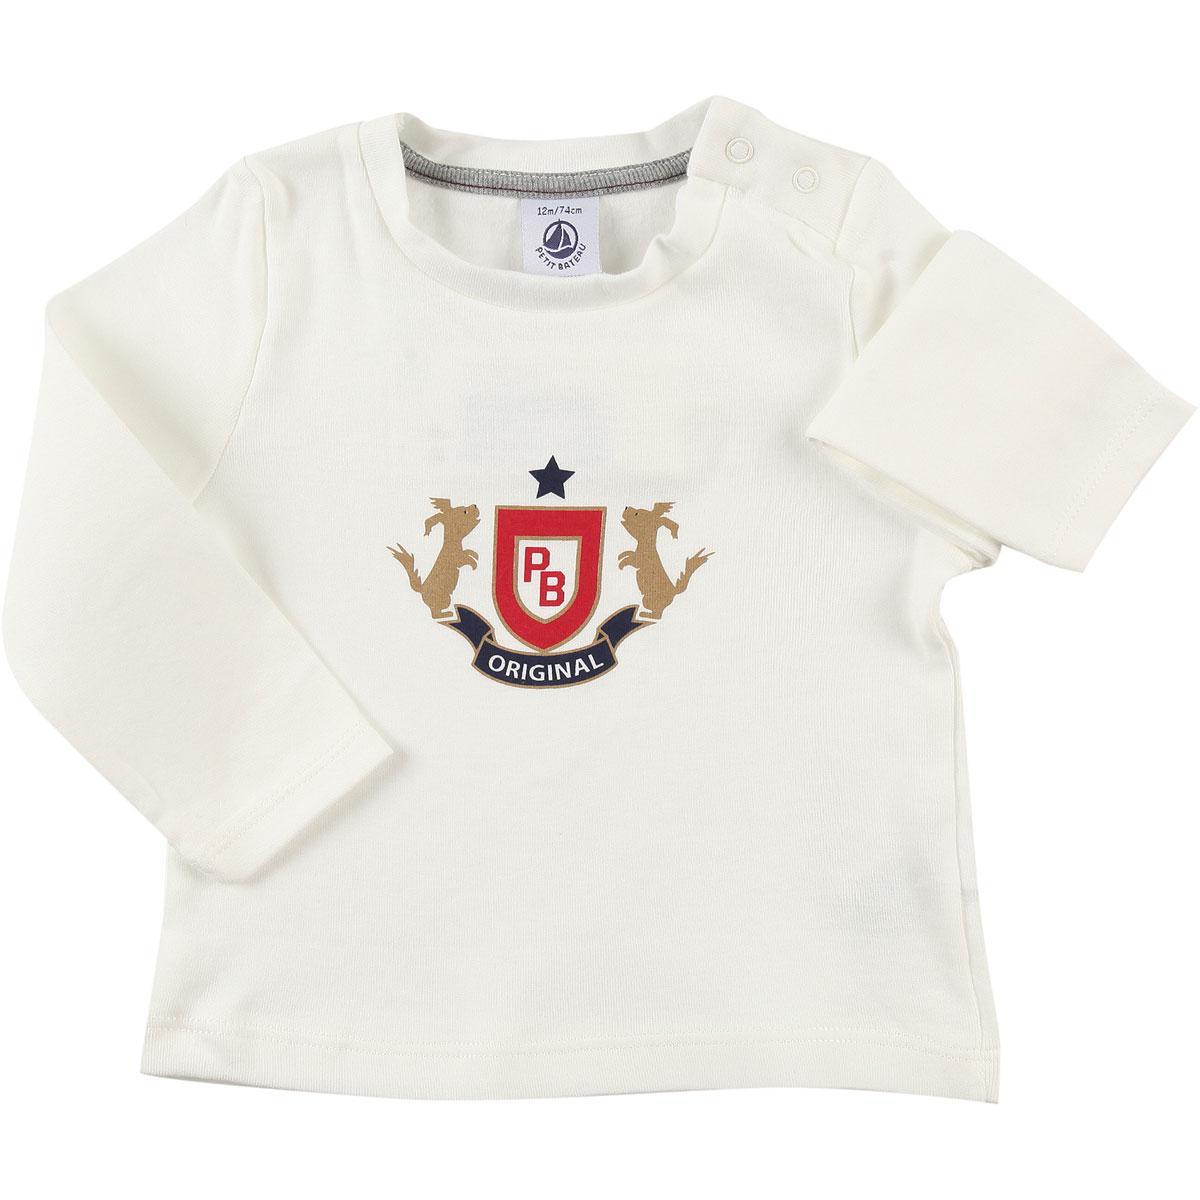 91e558685d5 Lyst - T-Shirt Bébé pour Garçon Pas cher en Soldes Petit Bateau pour ...